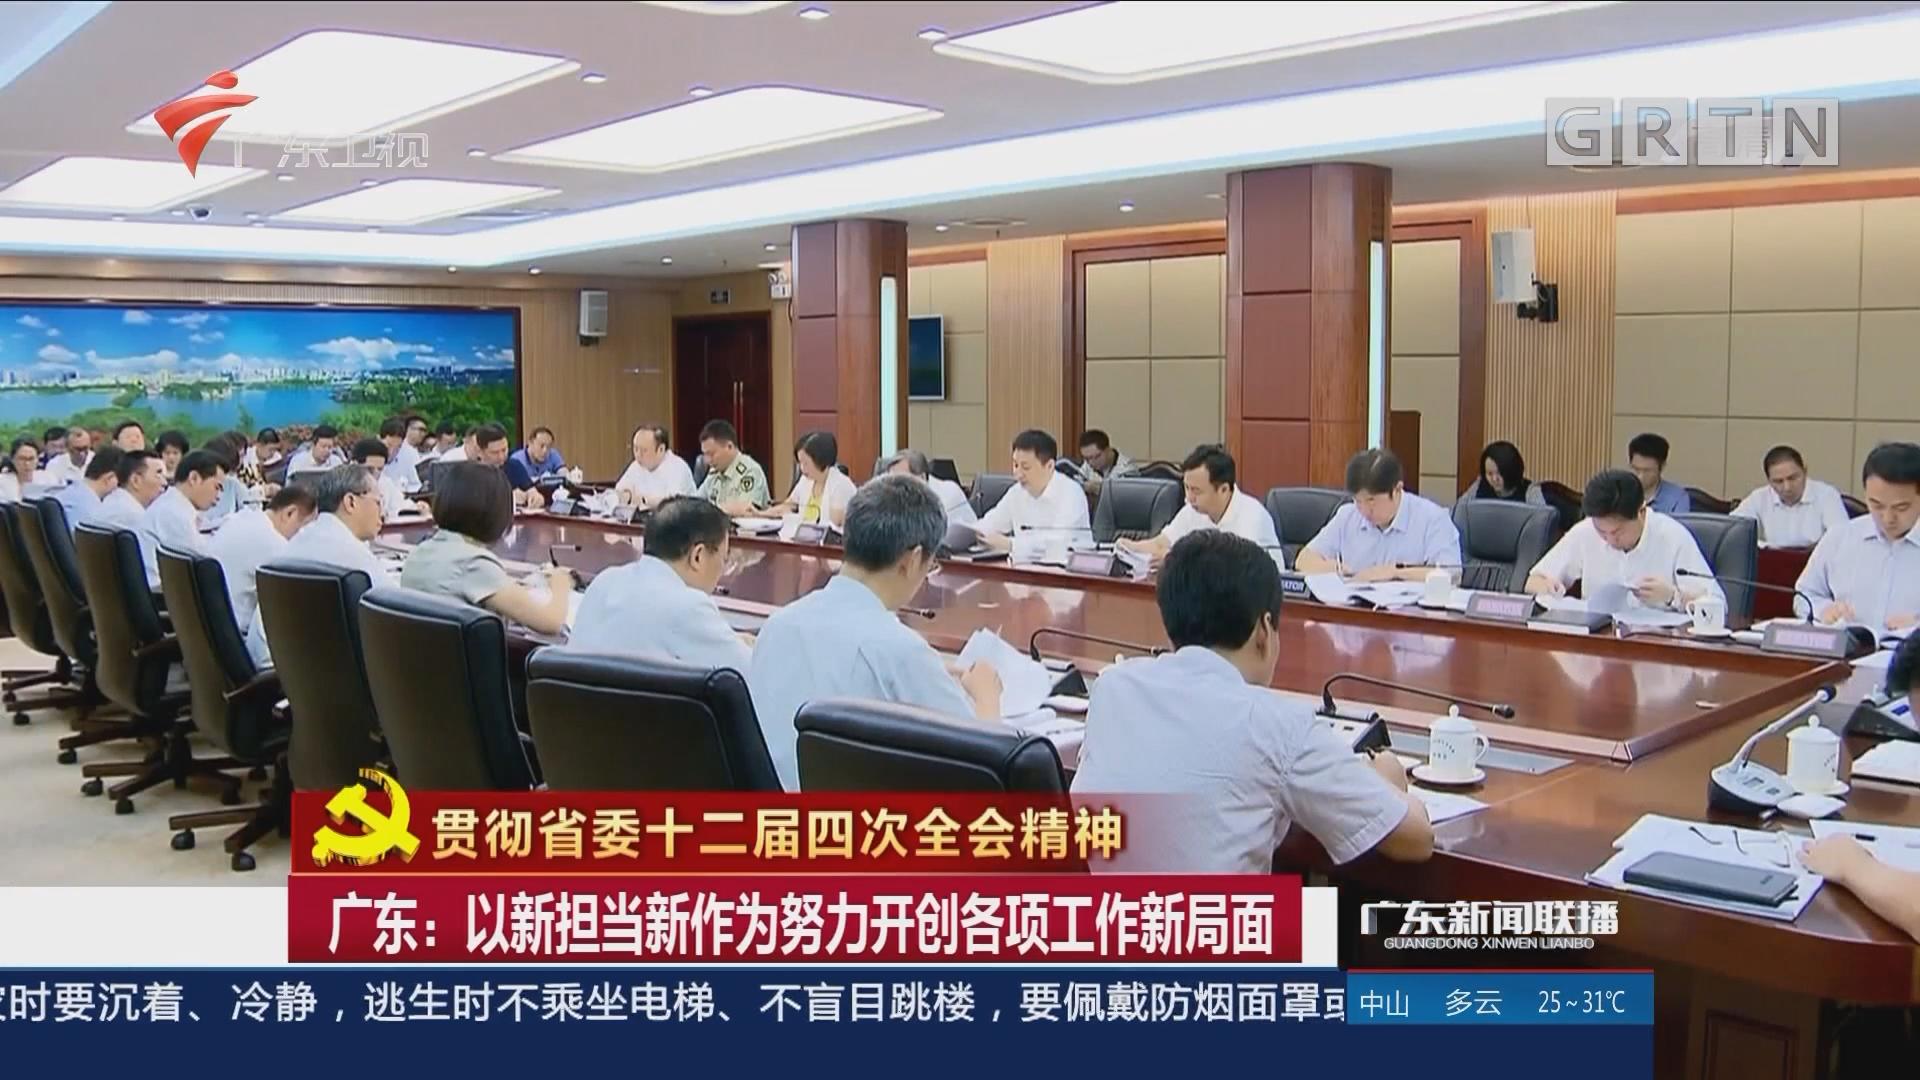 广东:以新担当新作为努力开创各项工作新局面